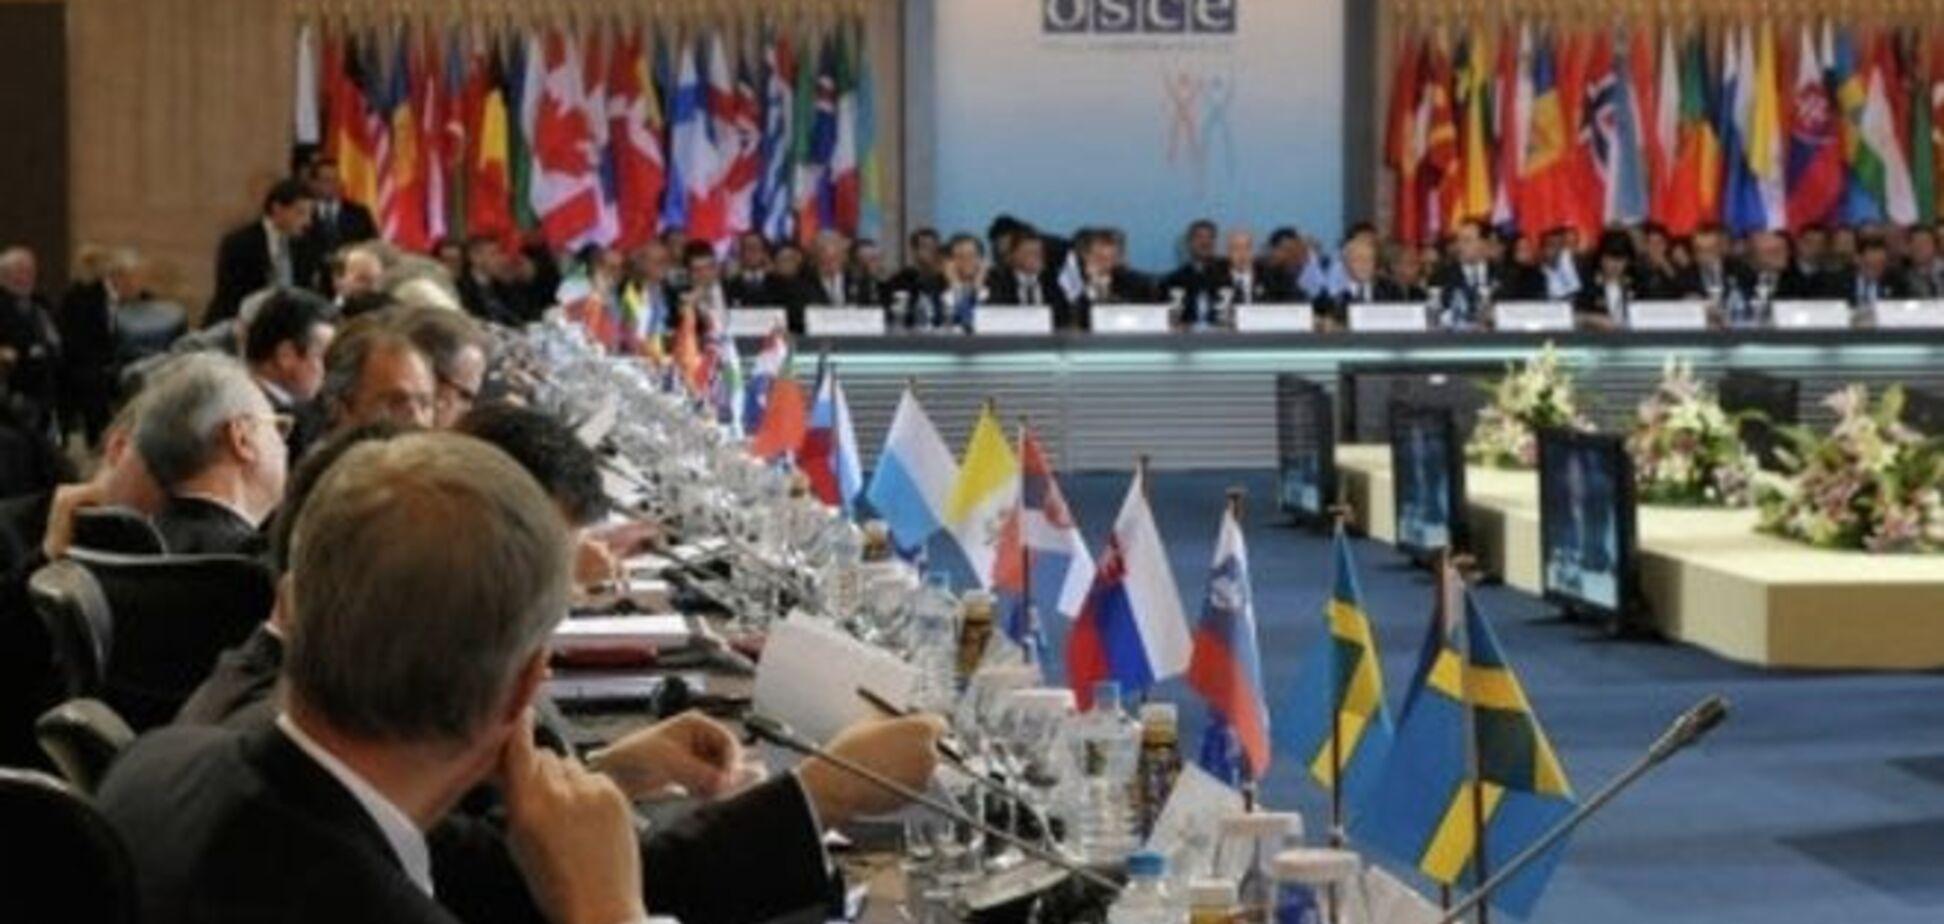 ПА ОБСЕ  заявила об агрессии России против Украины: полный текст поправок